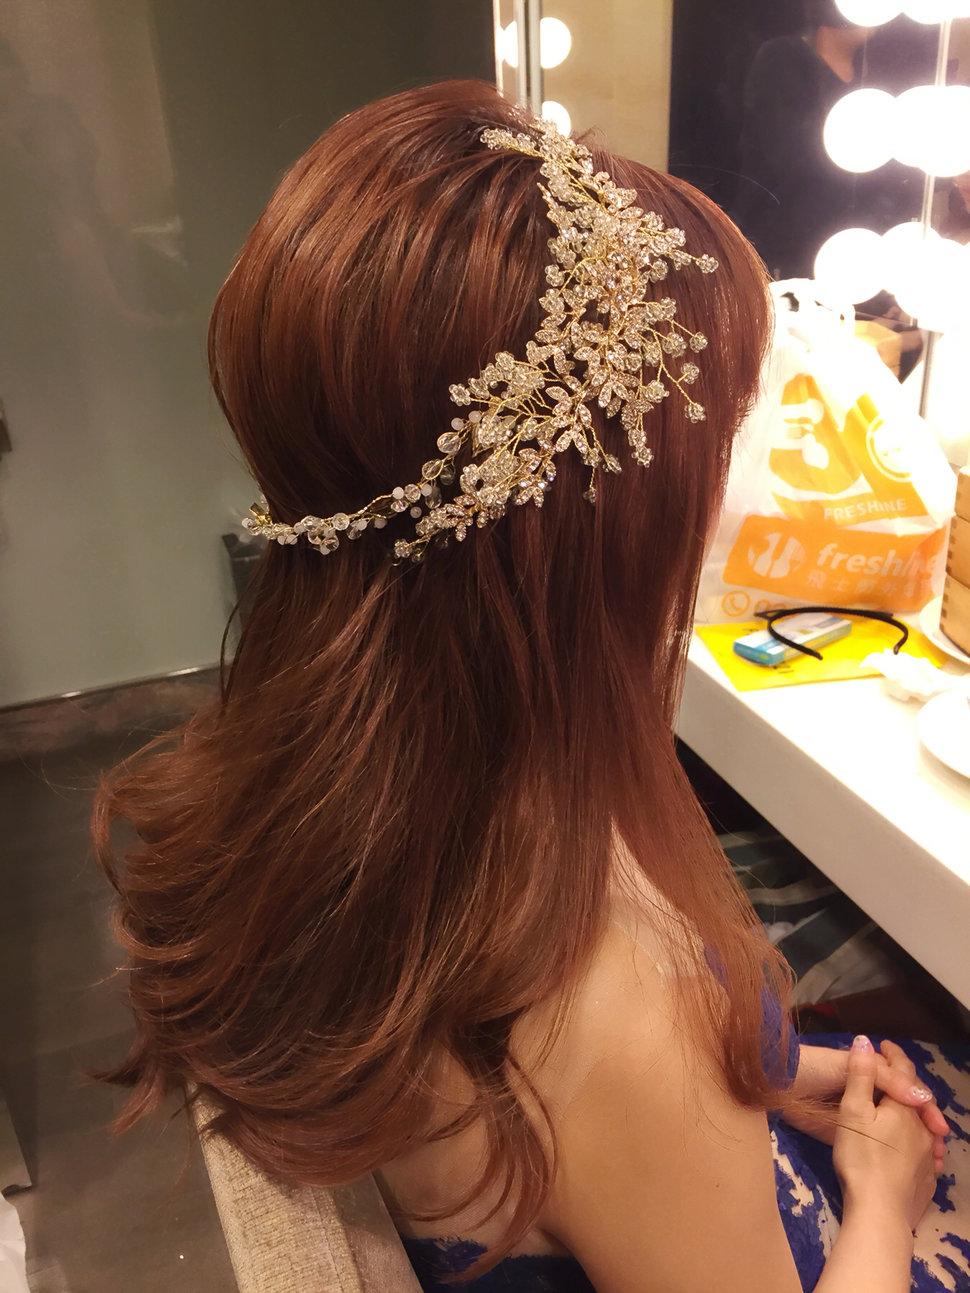 179 - 桓伶 (huan-ling ) - 結婚吧